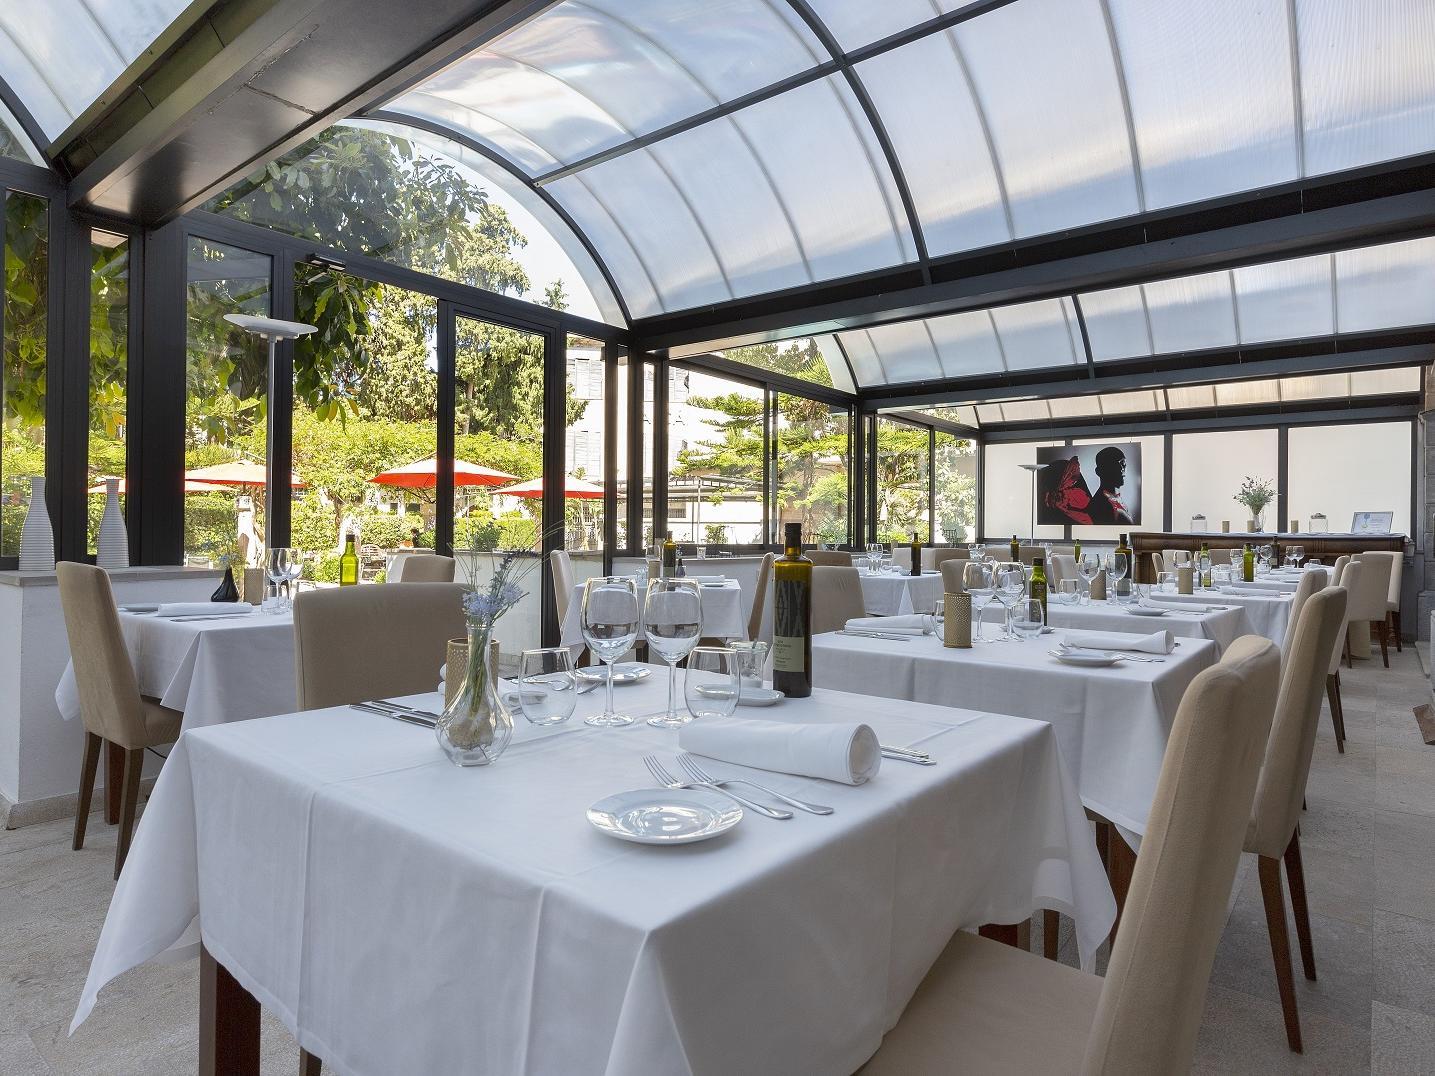 Gran Hotel Sóller | 5-Star Hotels in Sóller Majorca